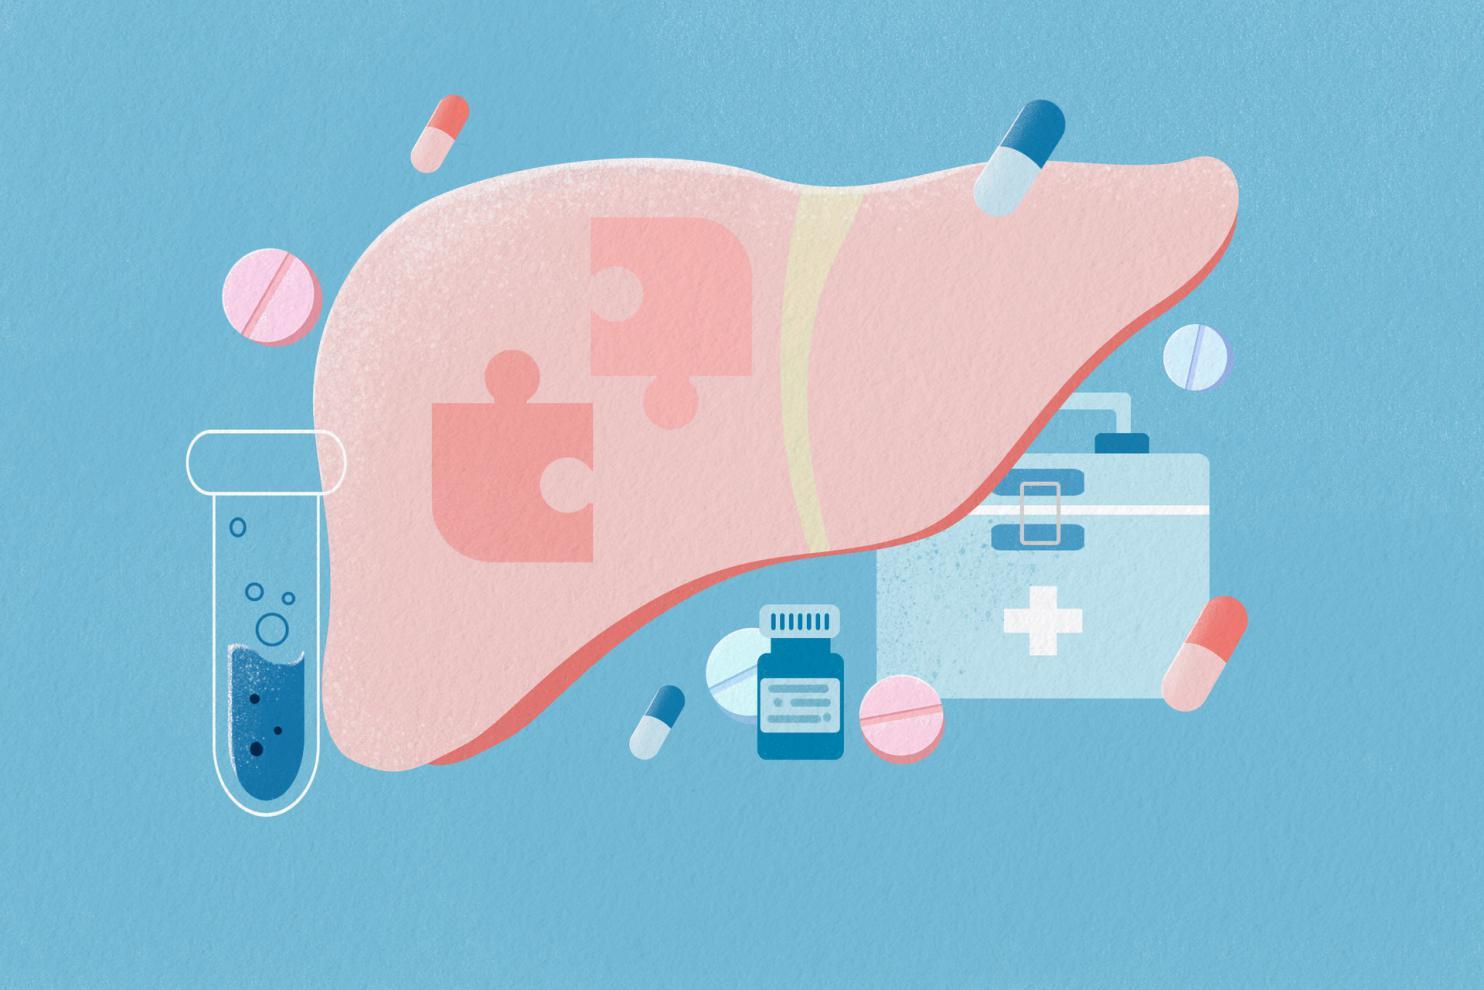 摄图网_401907007_banner_身体器官医疗插画肝脏扁平插画(非企业商用)